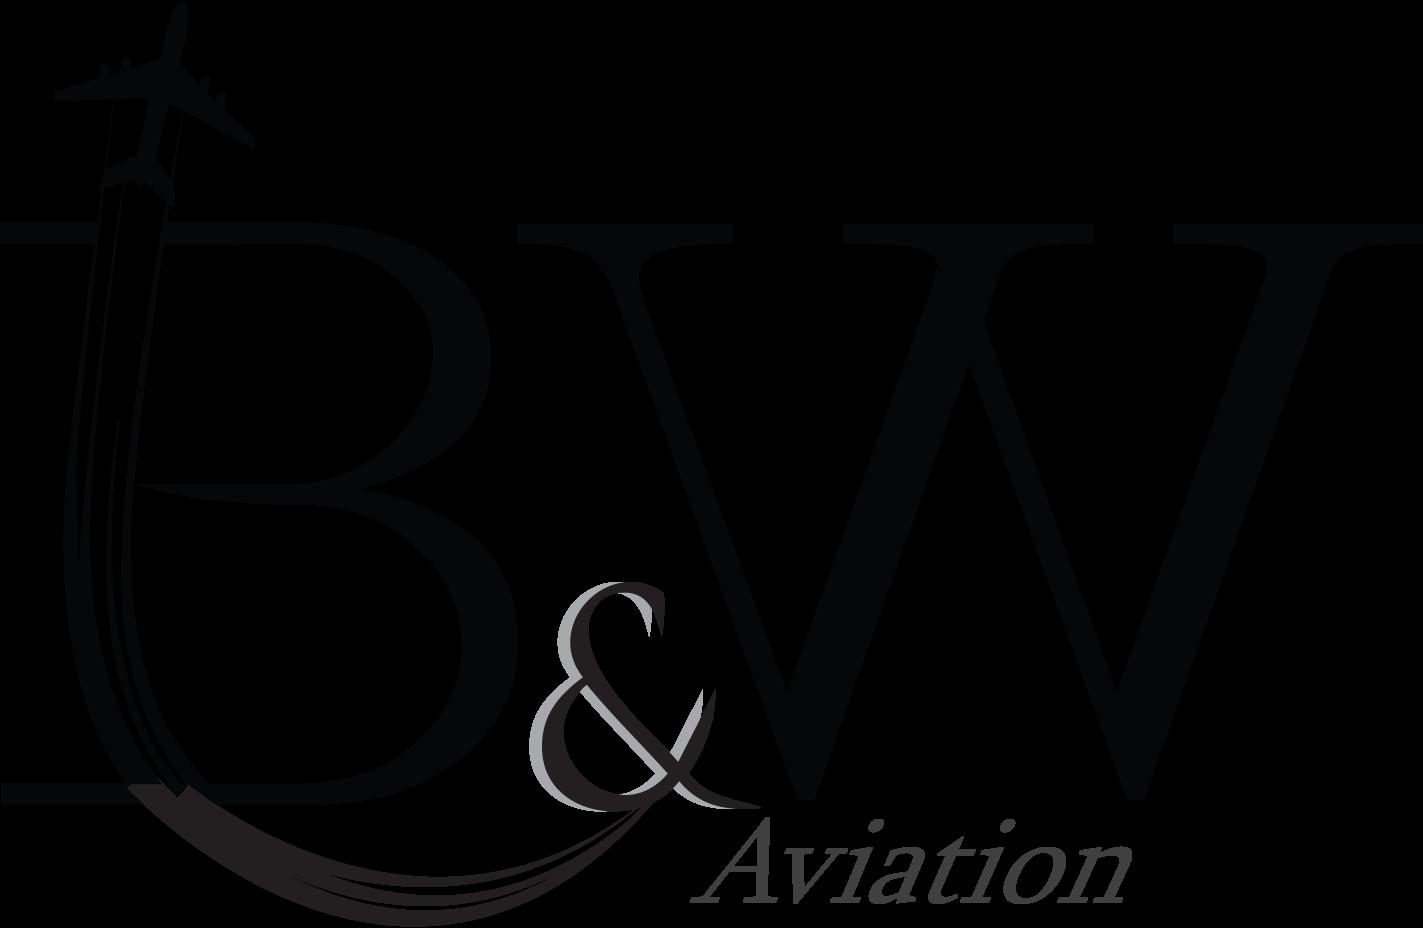 B&W Aviation